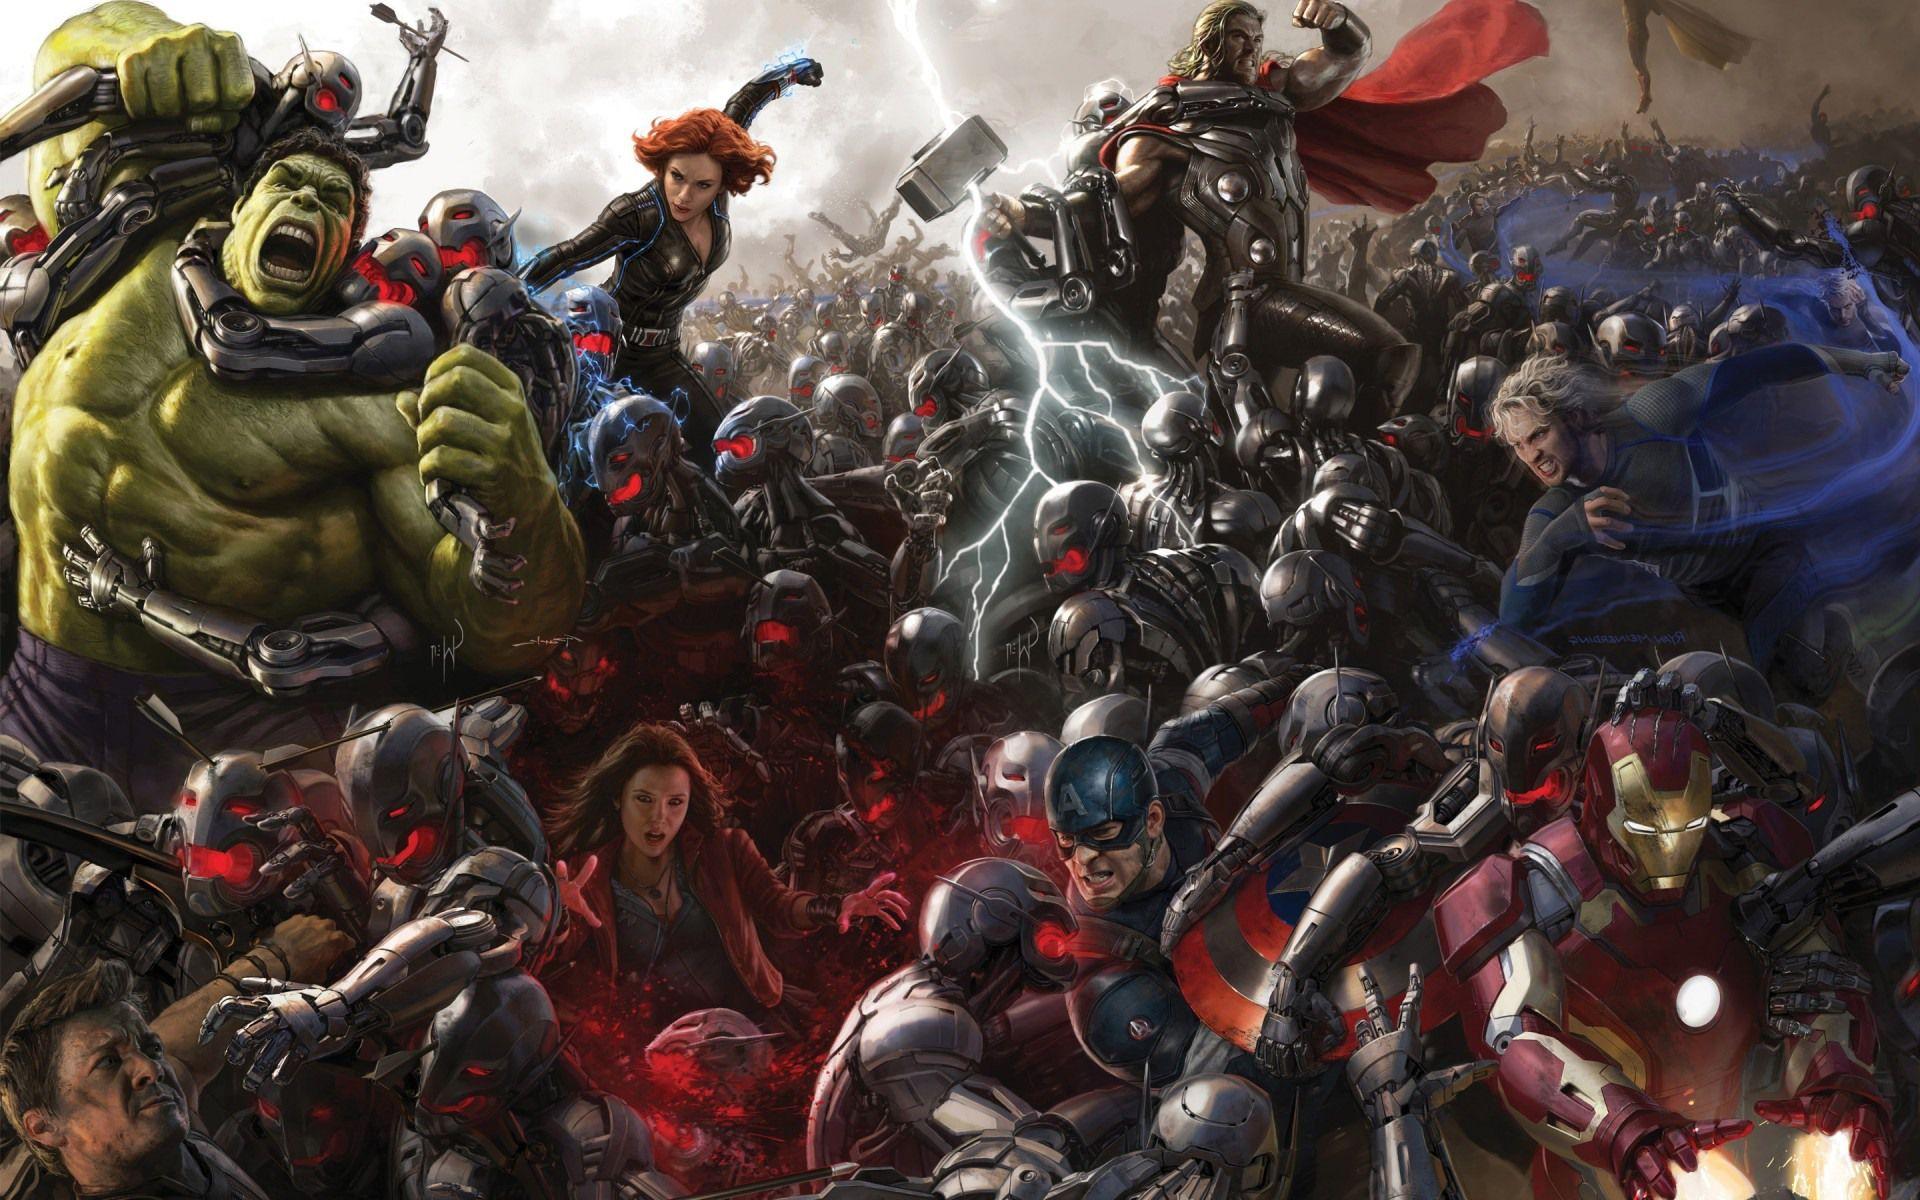 avengers-age-of-ultron-art-poster-133238.jpg